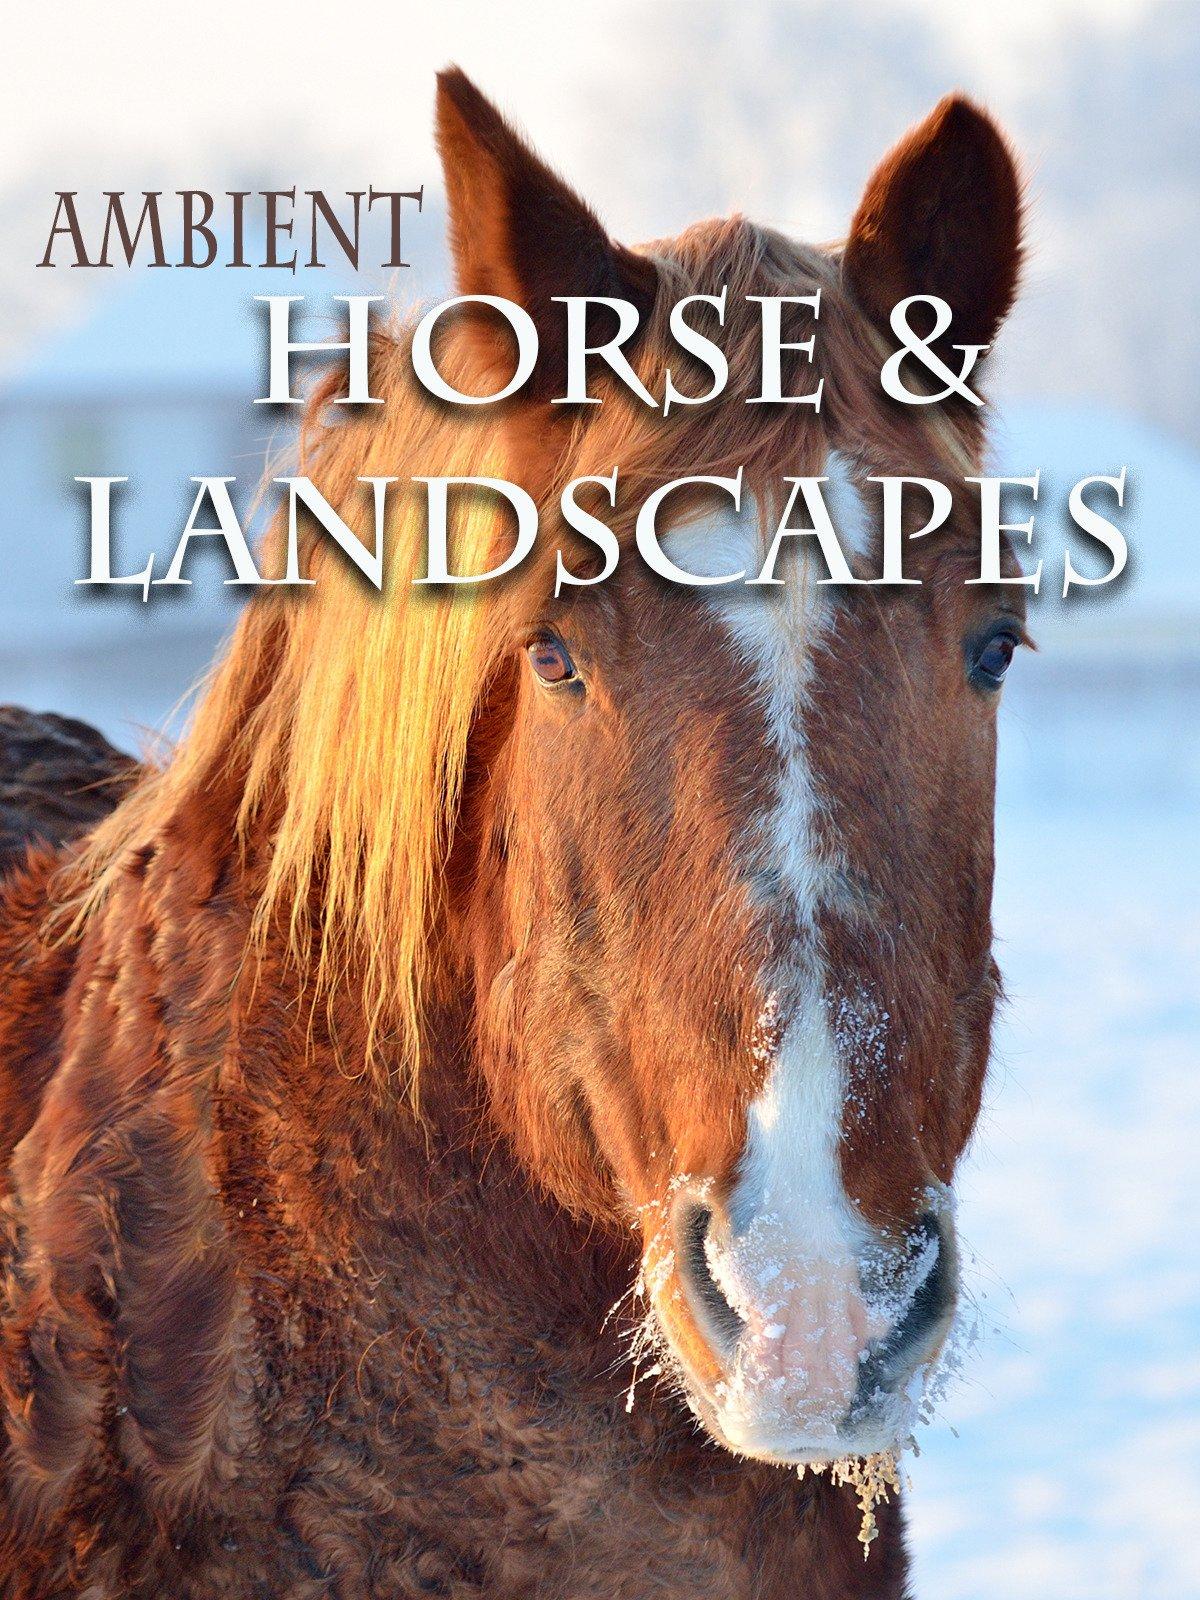 Ambient Horse & Landscapes